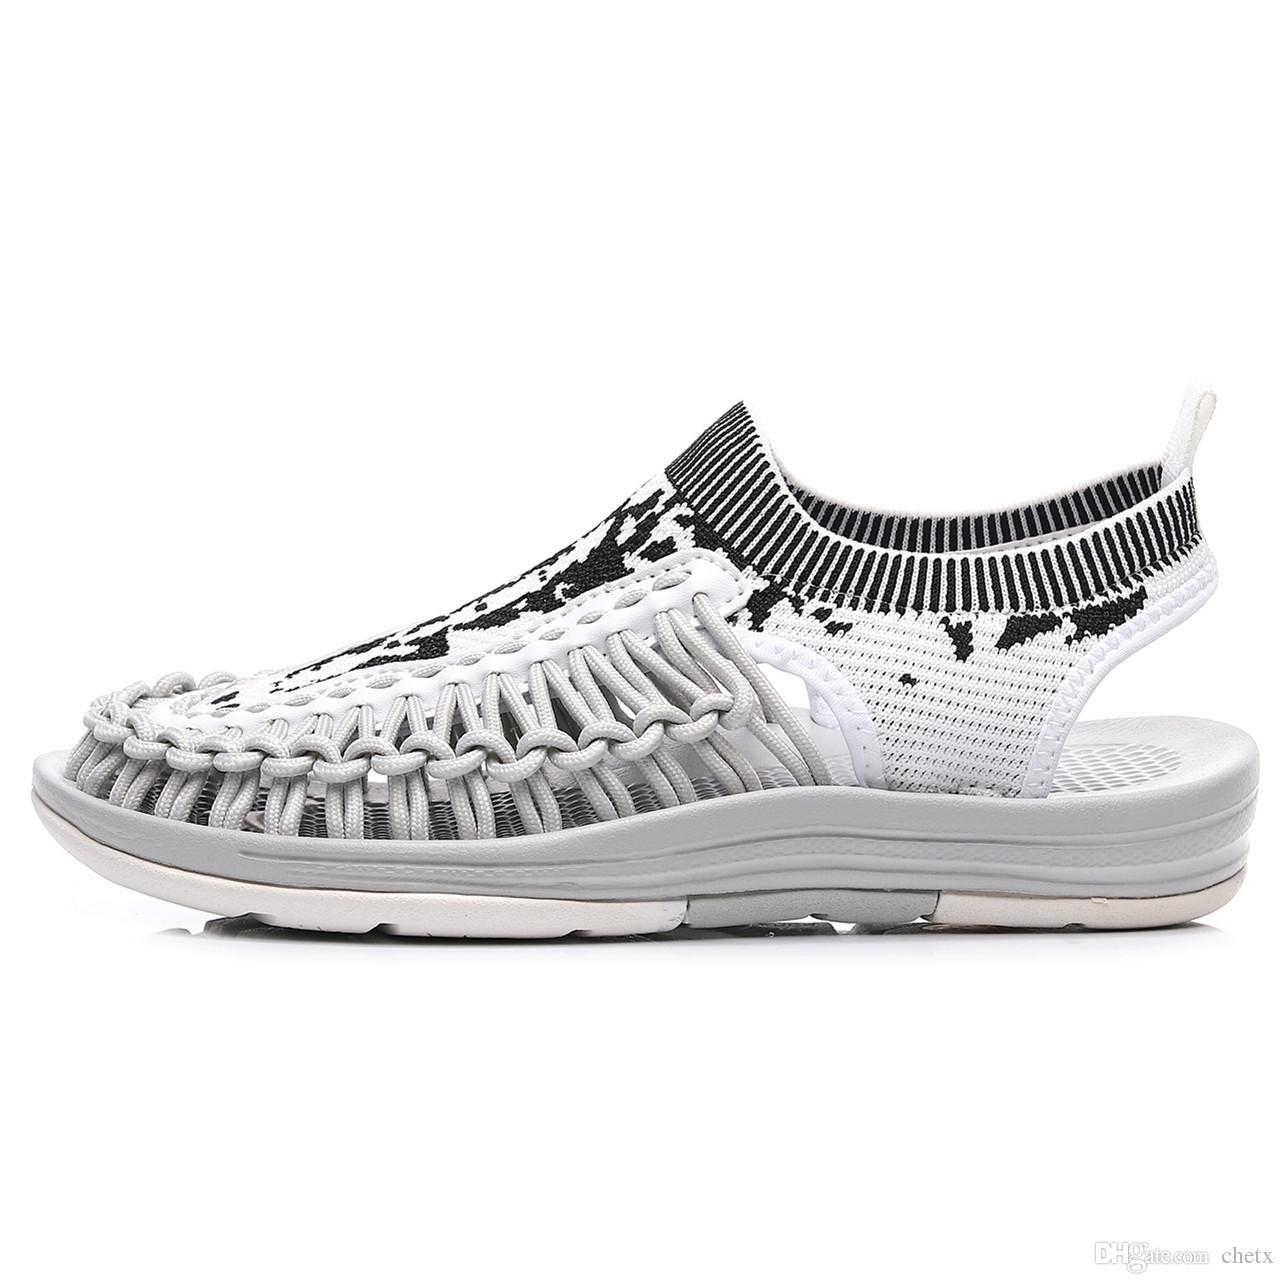 35-40 Womens rete a maglia fitta sandalo signore della molla sandalo scarpe da spiaggia maglia tacchi delle scarpe di colore della miscela novità elastiche sandalo sneaker Z10